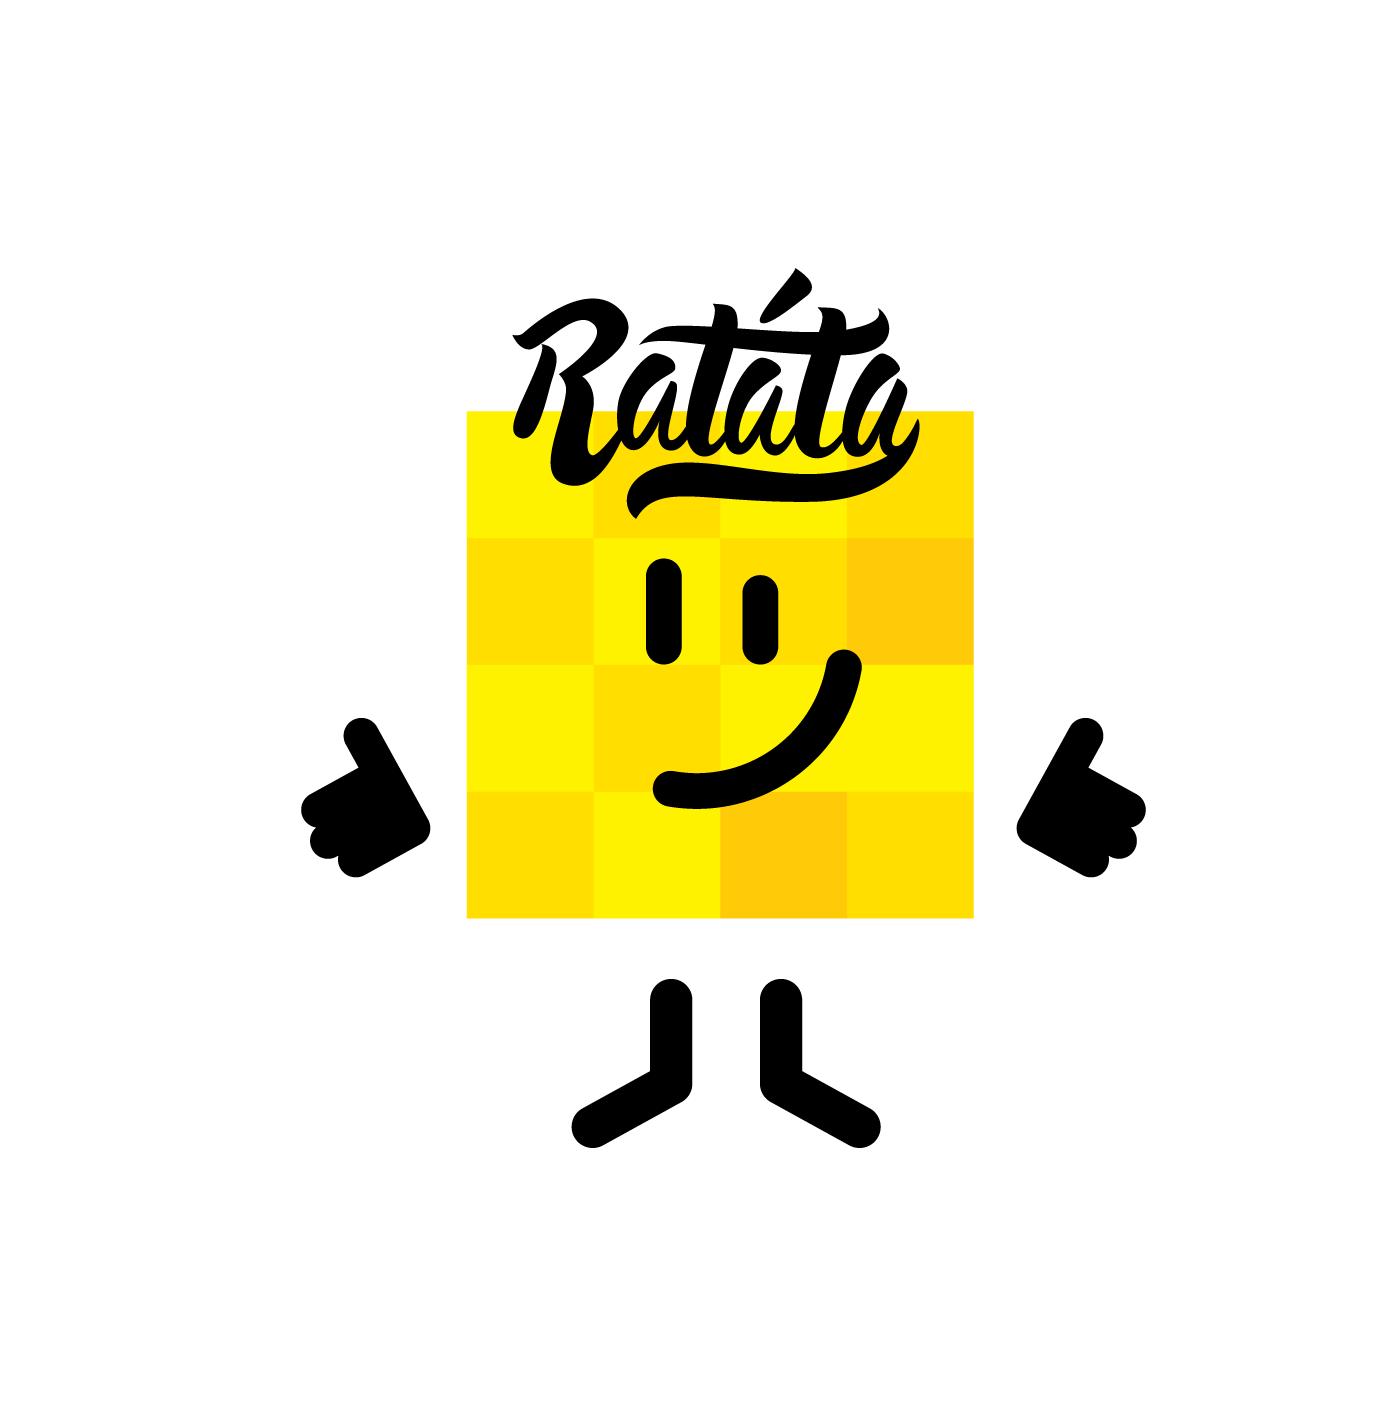 Oprettelse af en brand tegn Ratata